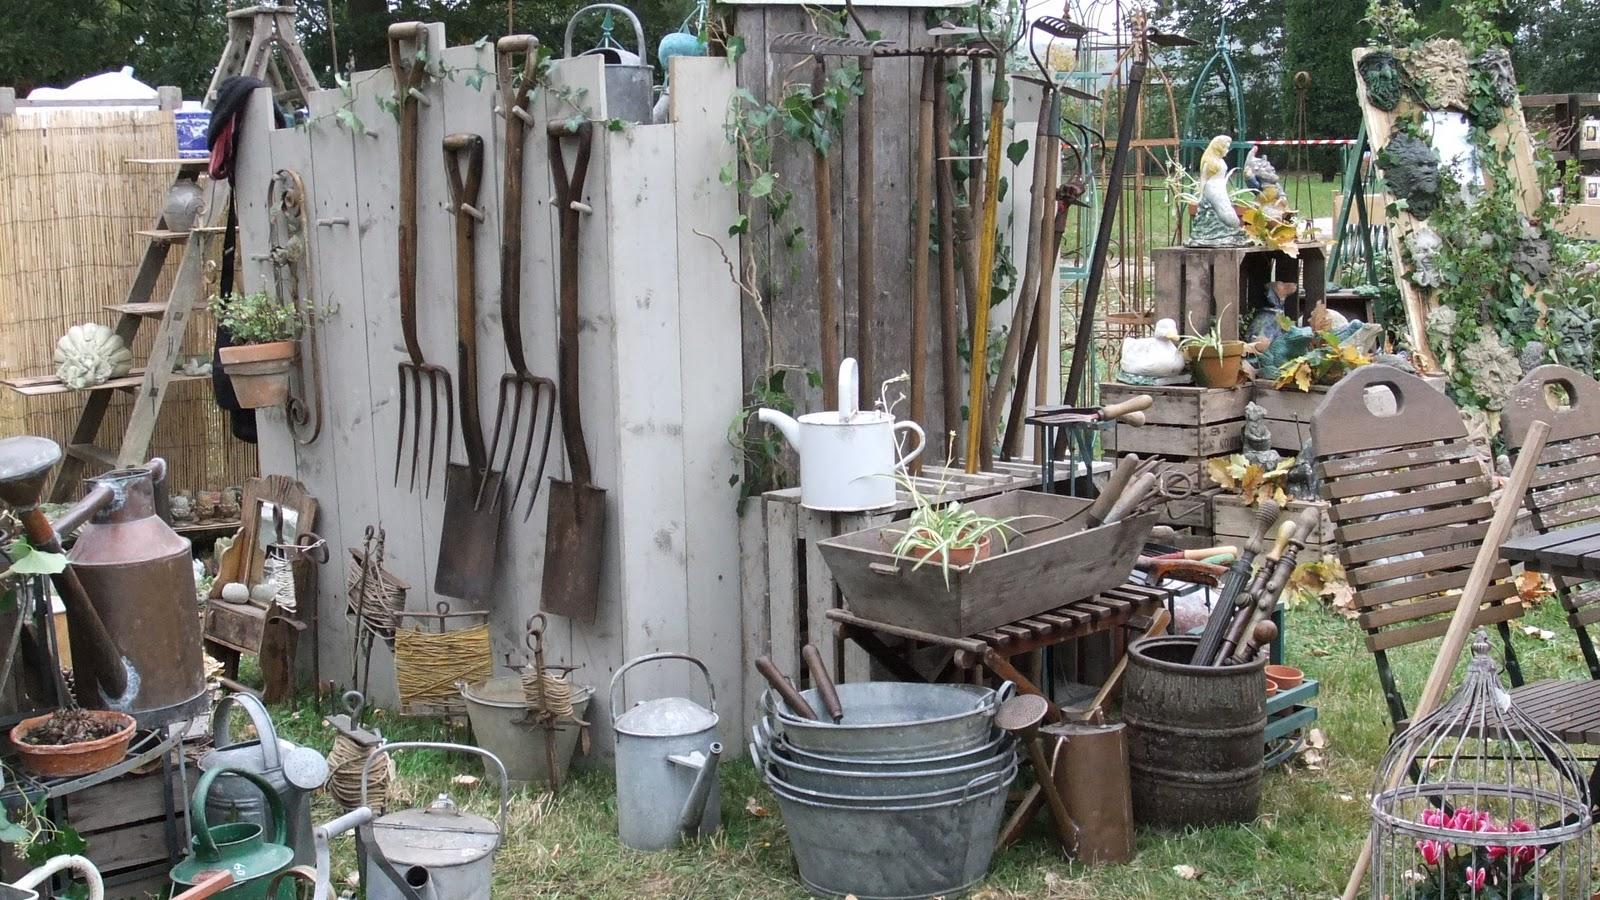 La brocante anglaise c te jardin for Sujets decoratifs pour jardin